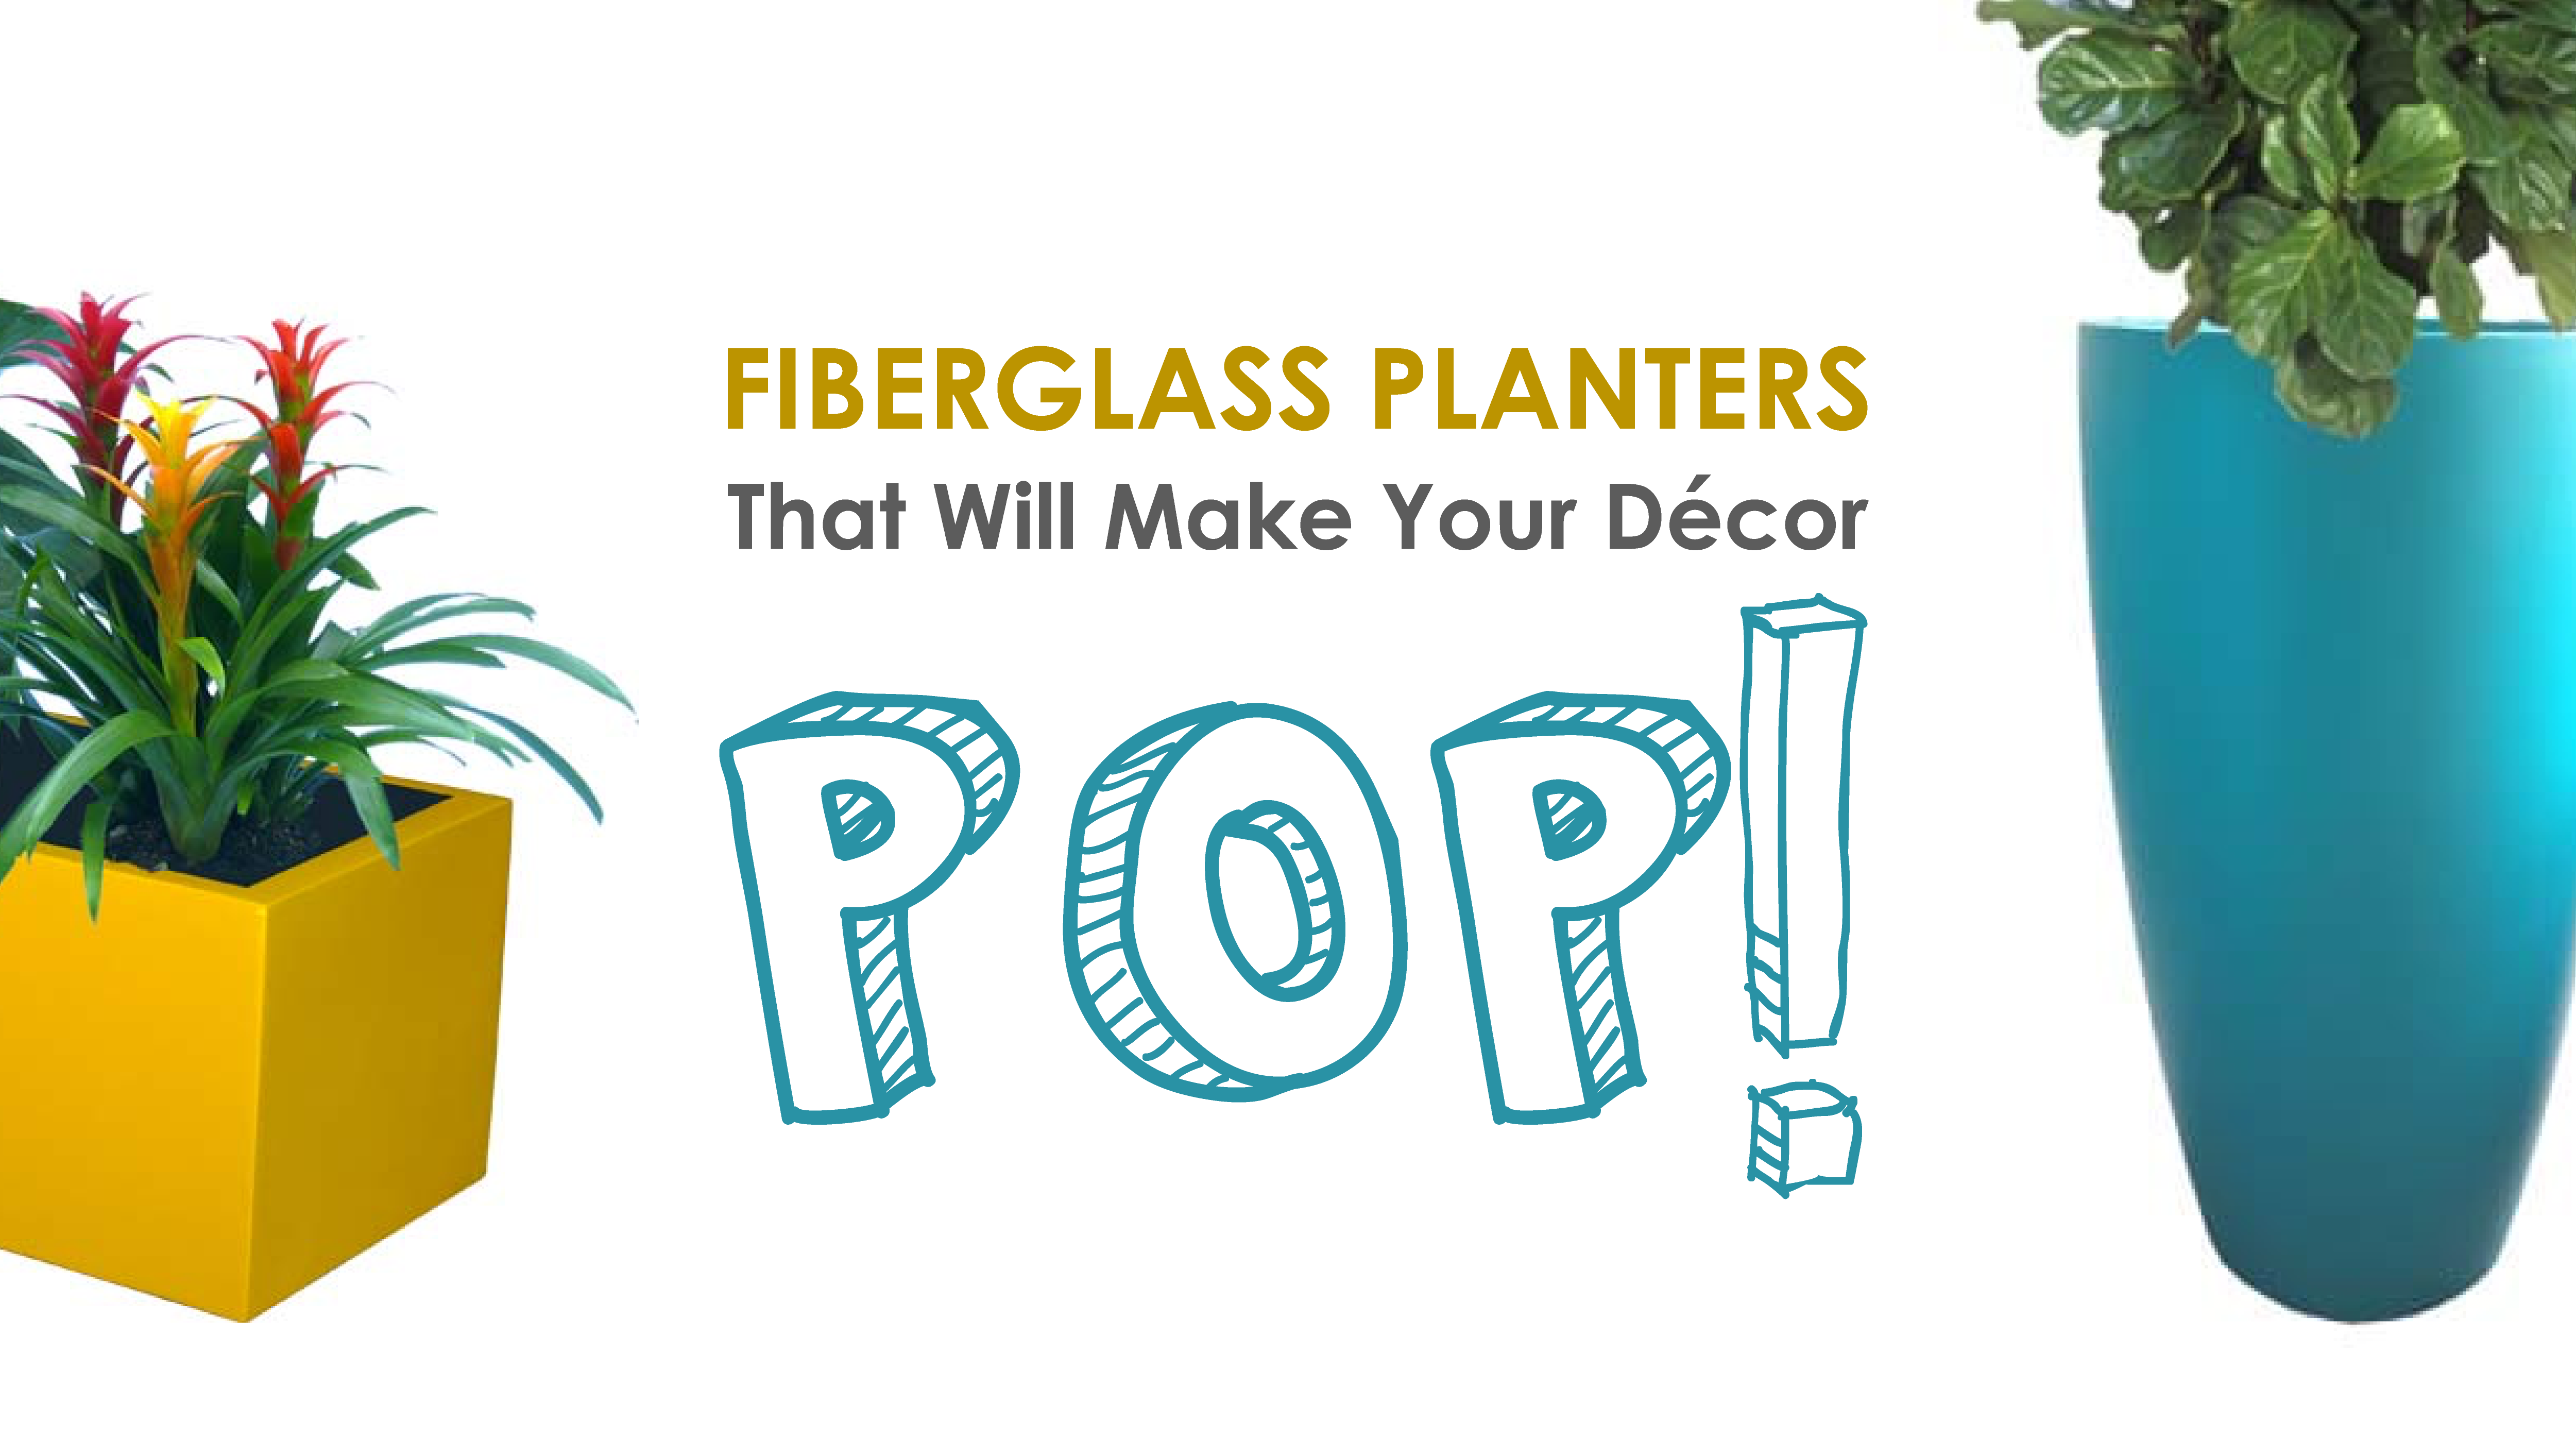 Fiberglass Planters Make Your Decor Pop